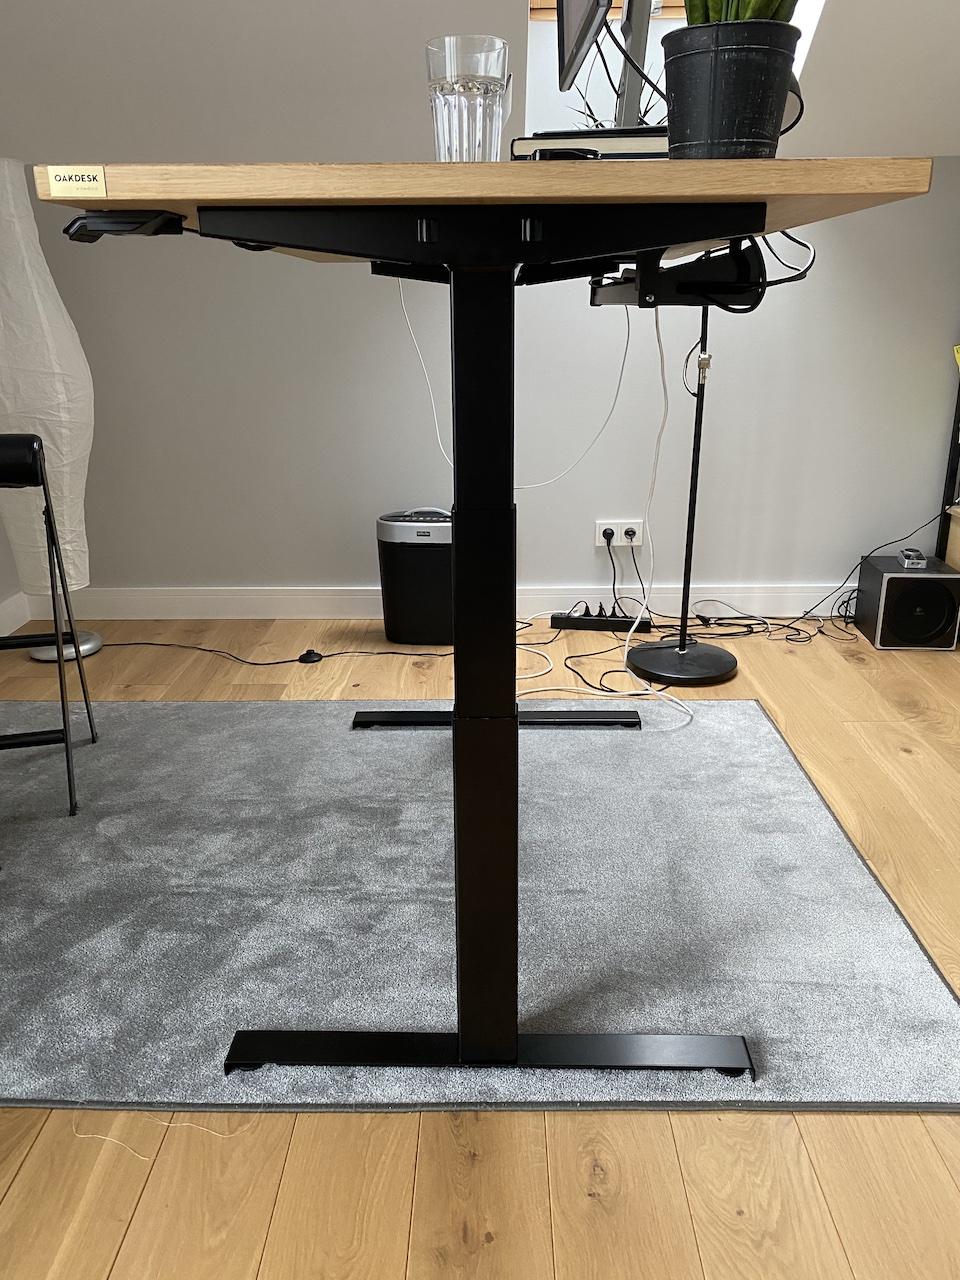 OAKDESK - biurko regulowane elektrycznie z blatem dąb naturalna krawędź premium 31